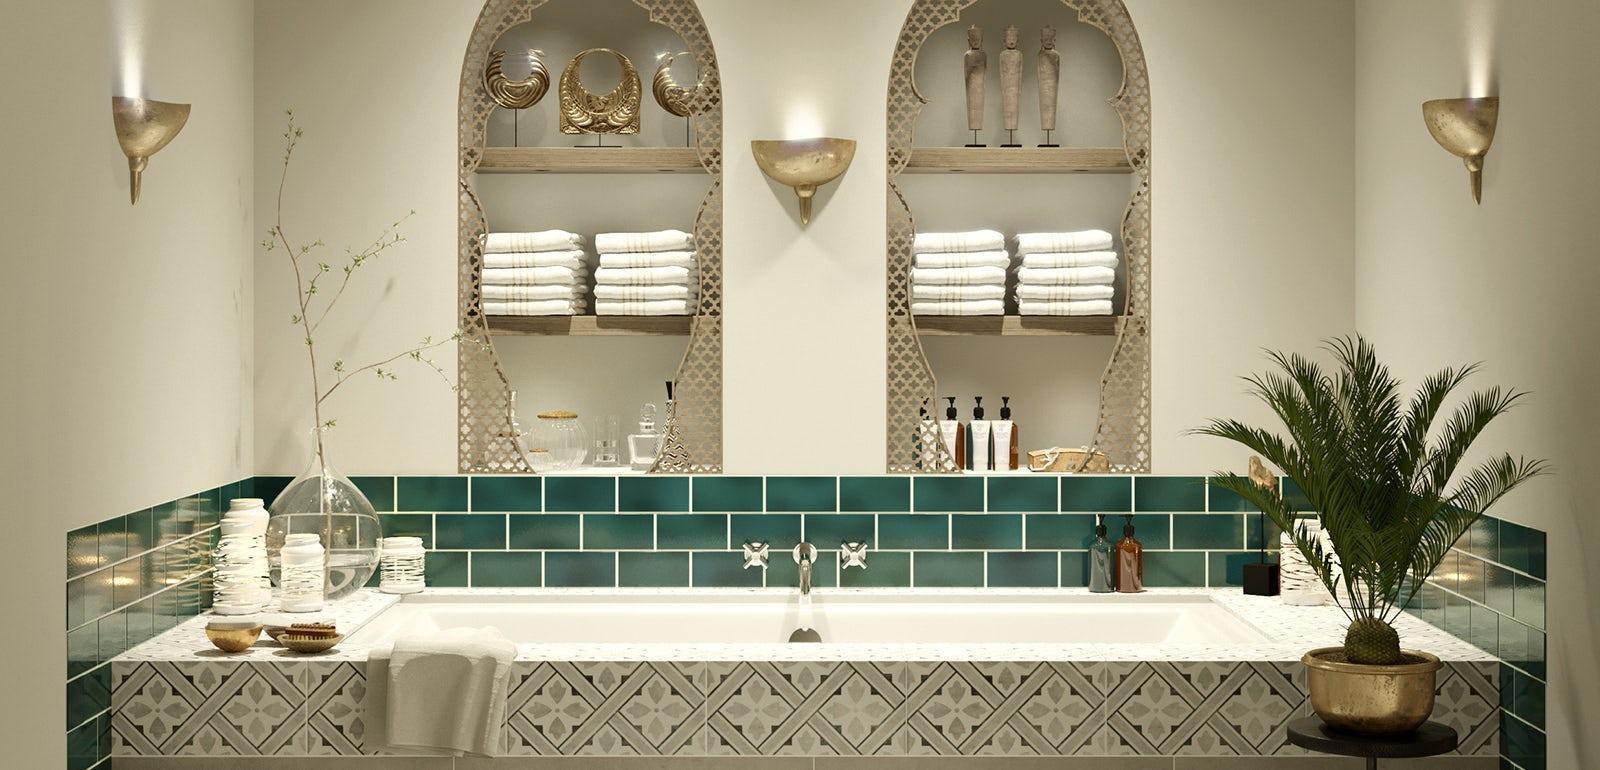 Bathroom ideas: Arabian Nights